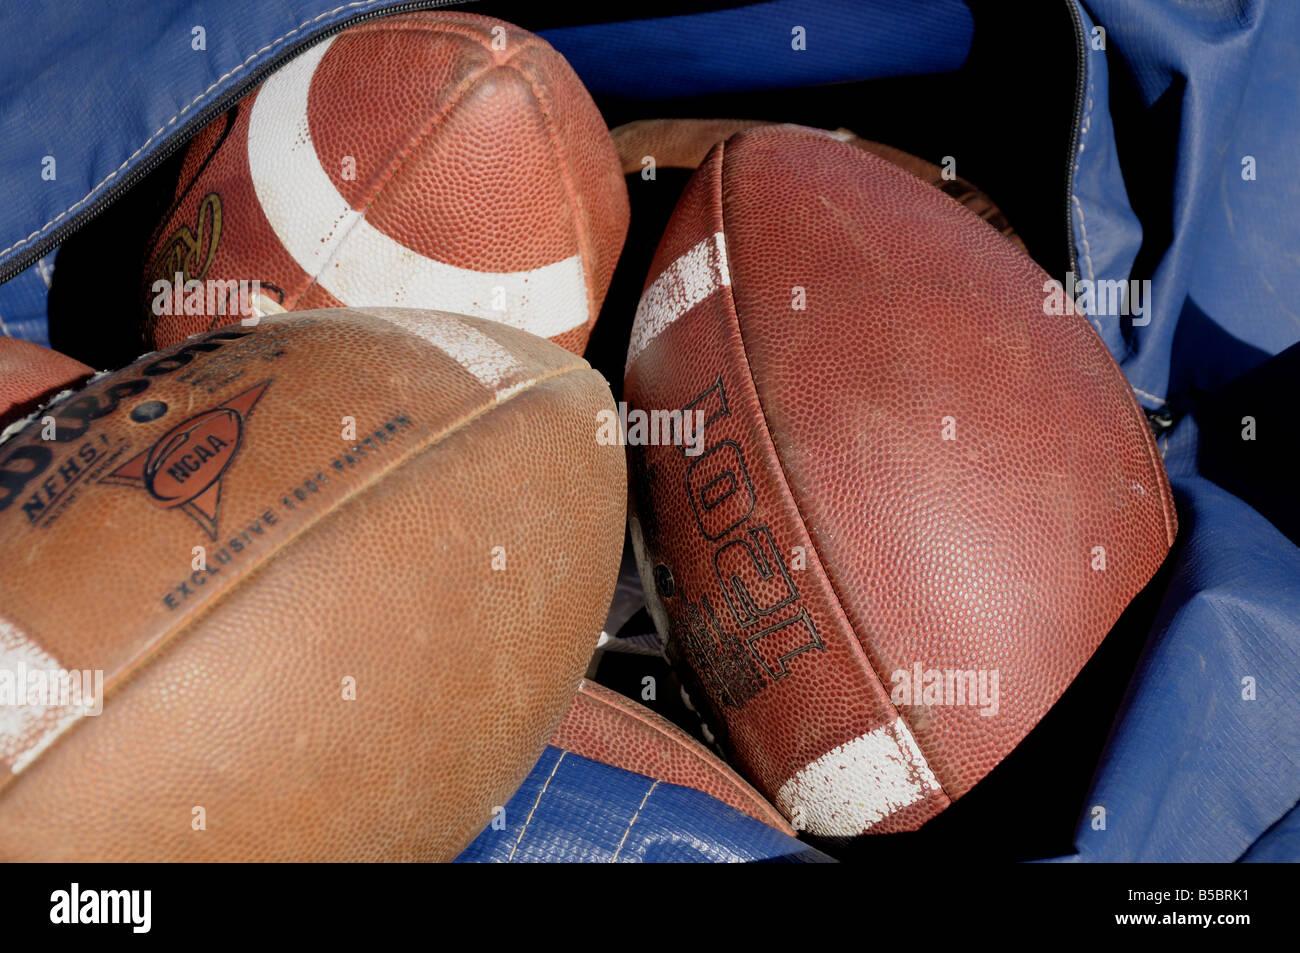 Fußbälle Stockfoto